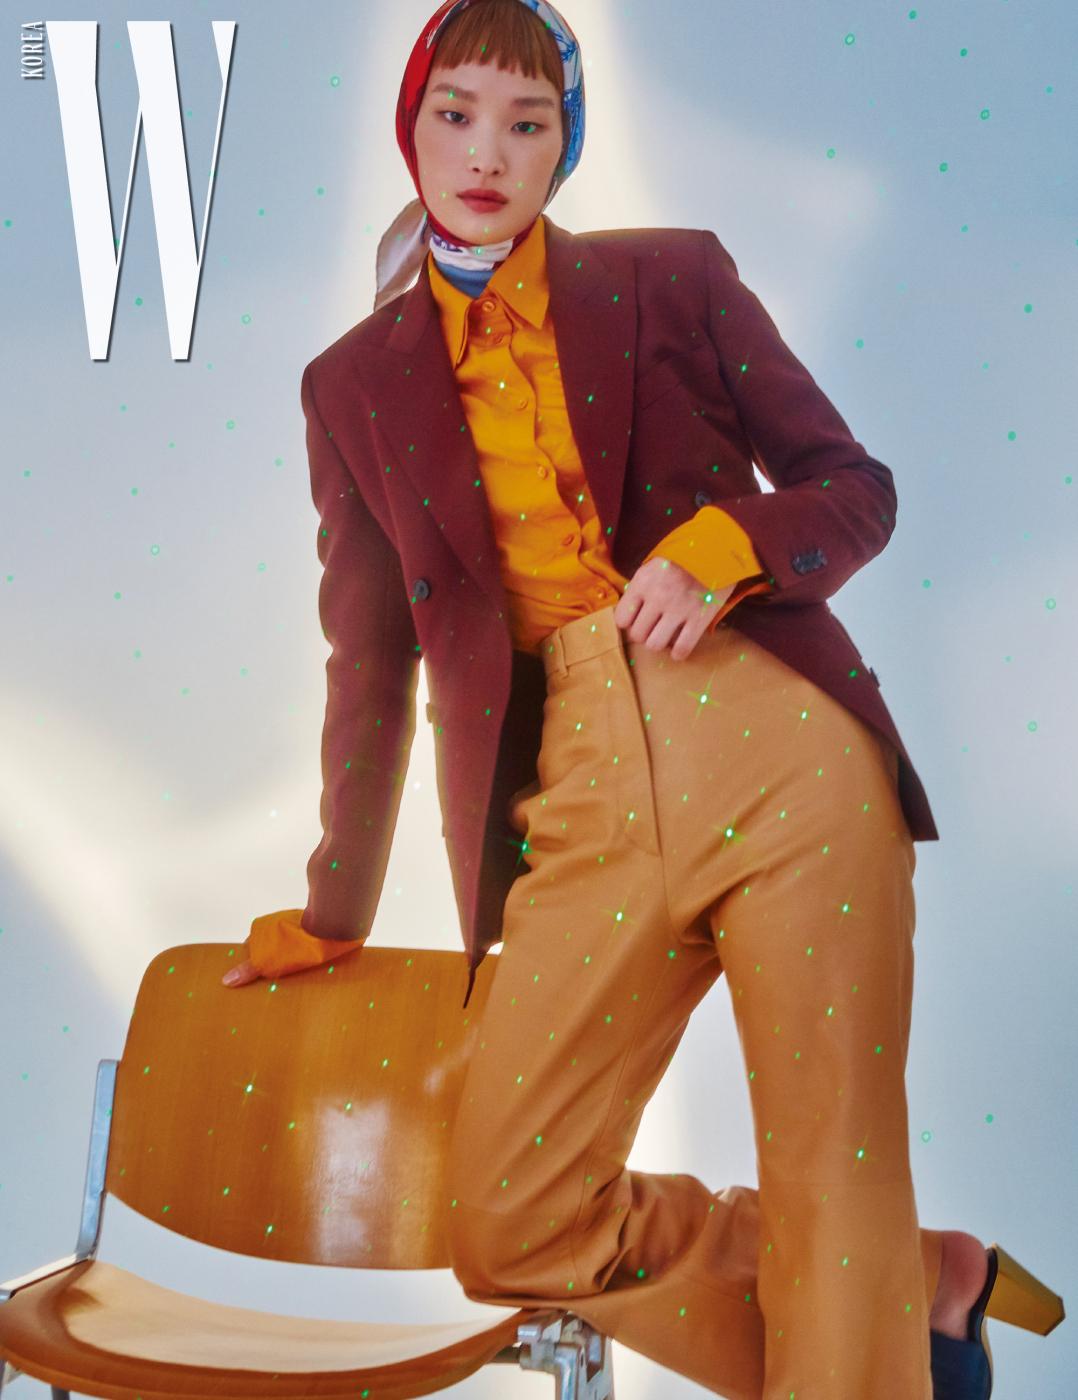 테일러드 재킷, 팬츠, 셔츠, 실크 스카프, 슈즈는 모두 Salvatore Ferragamo 제품.